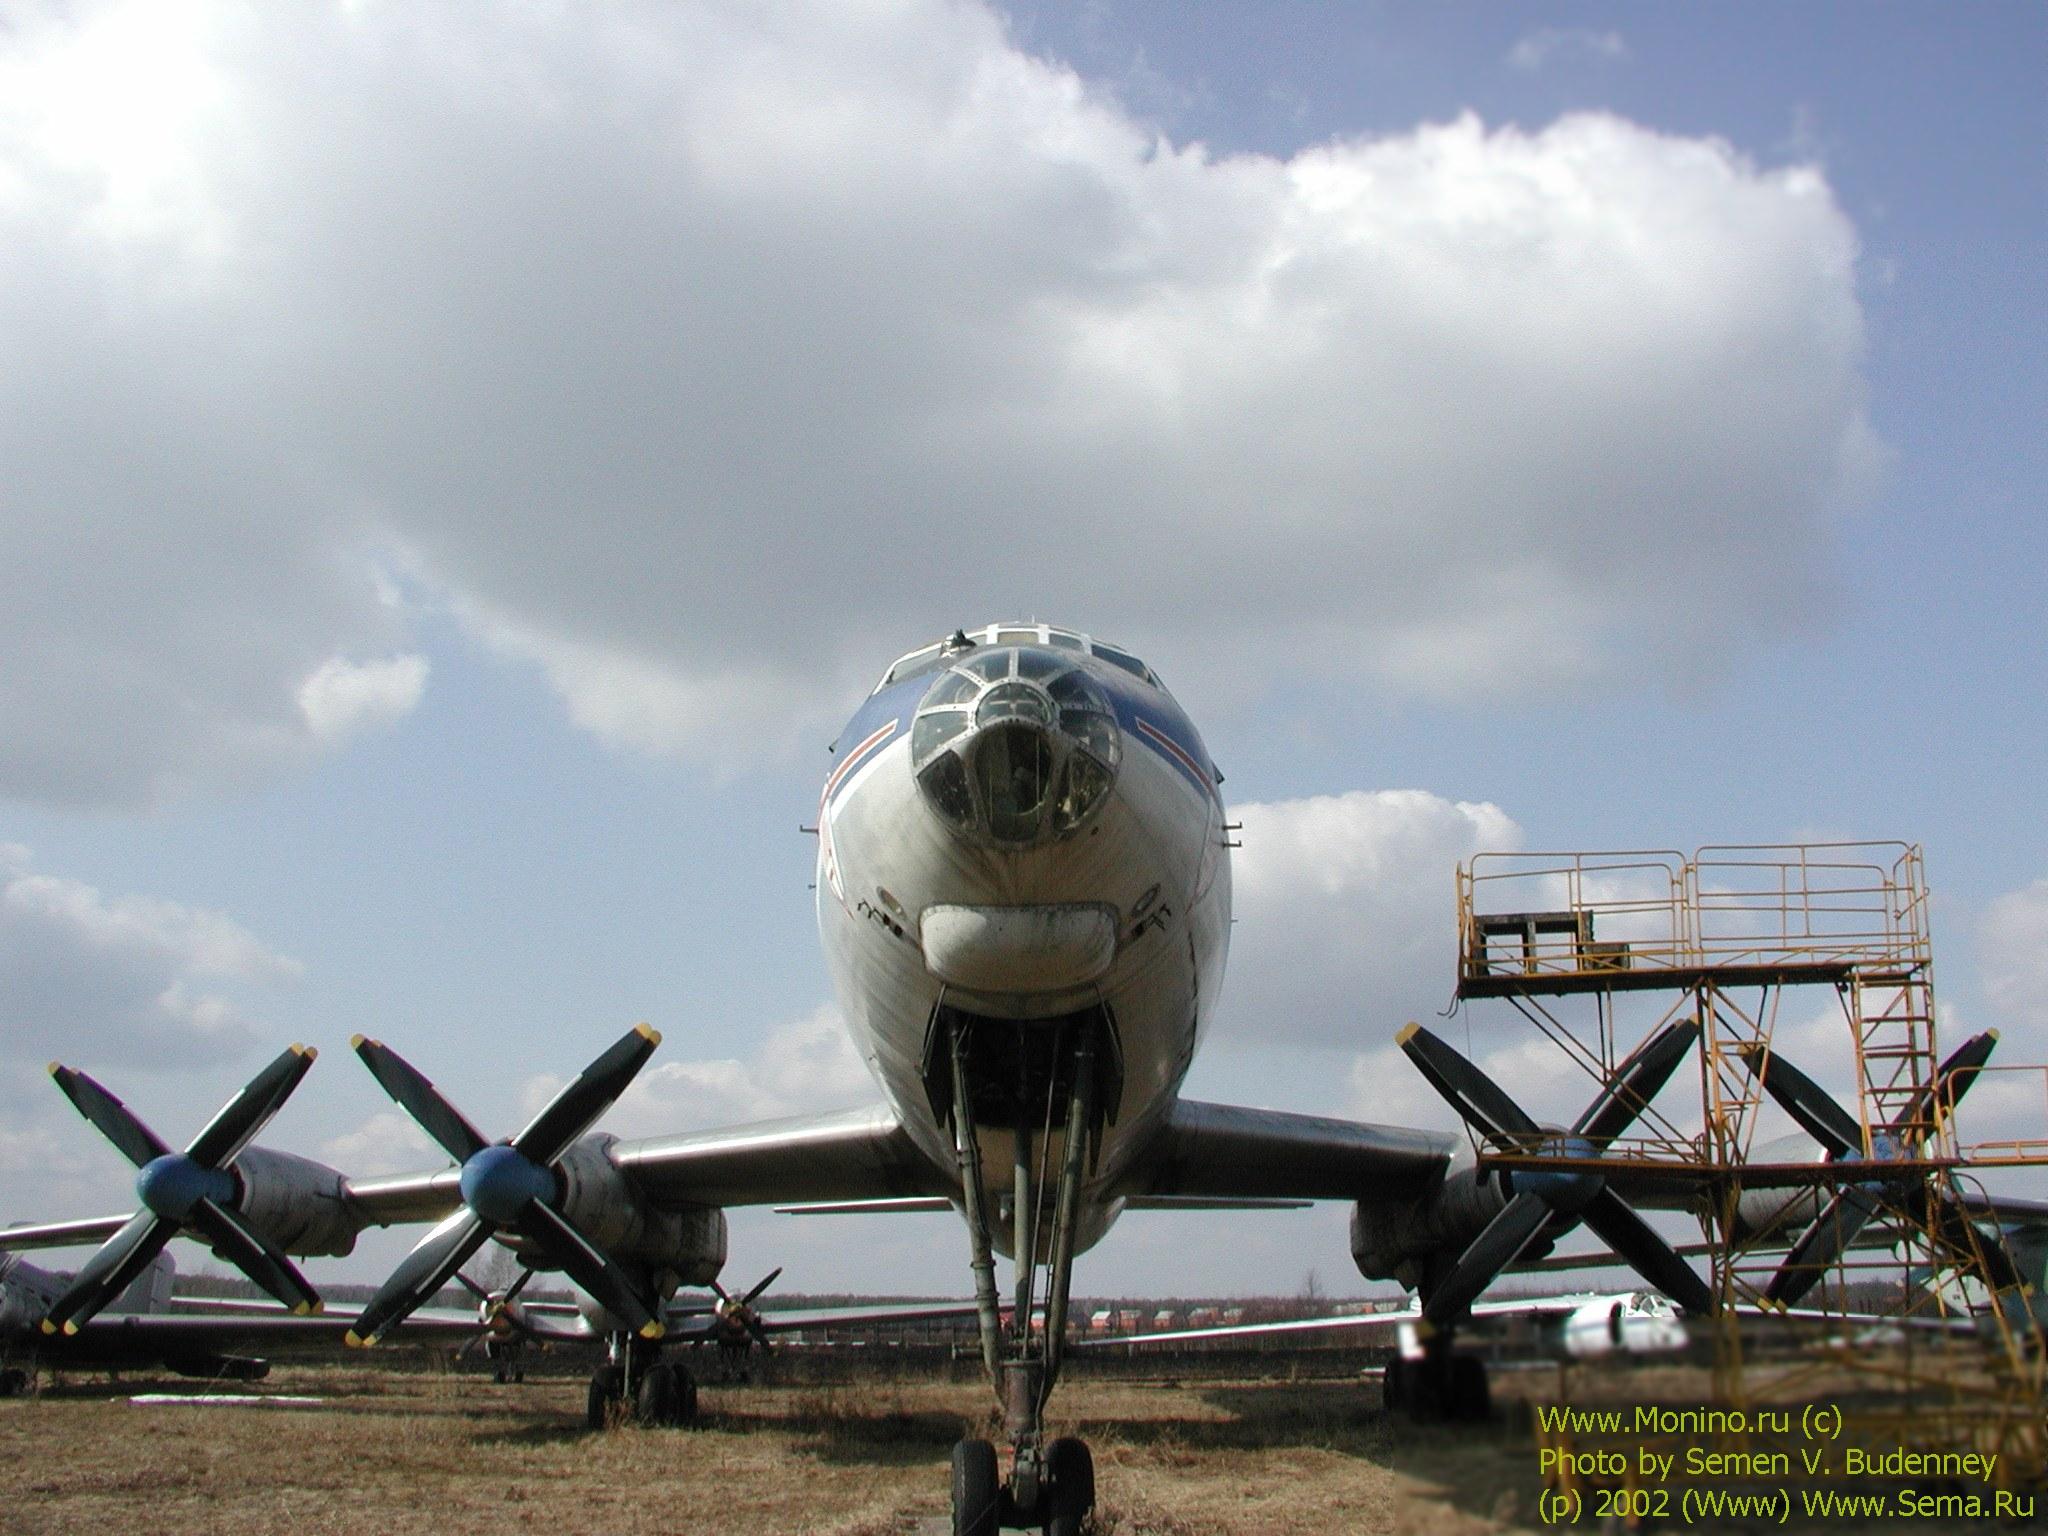 Ту 95 ту 114 выпускался - fed4